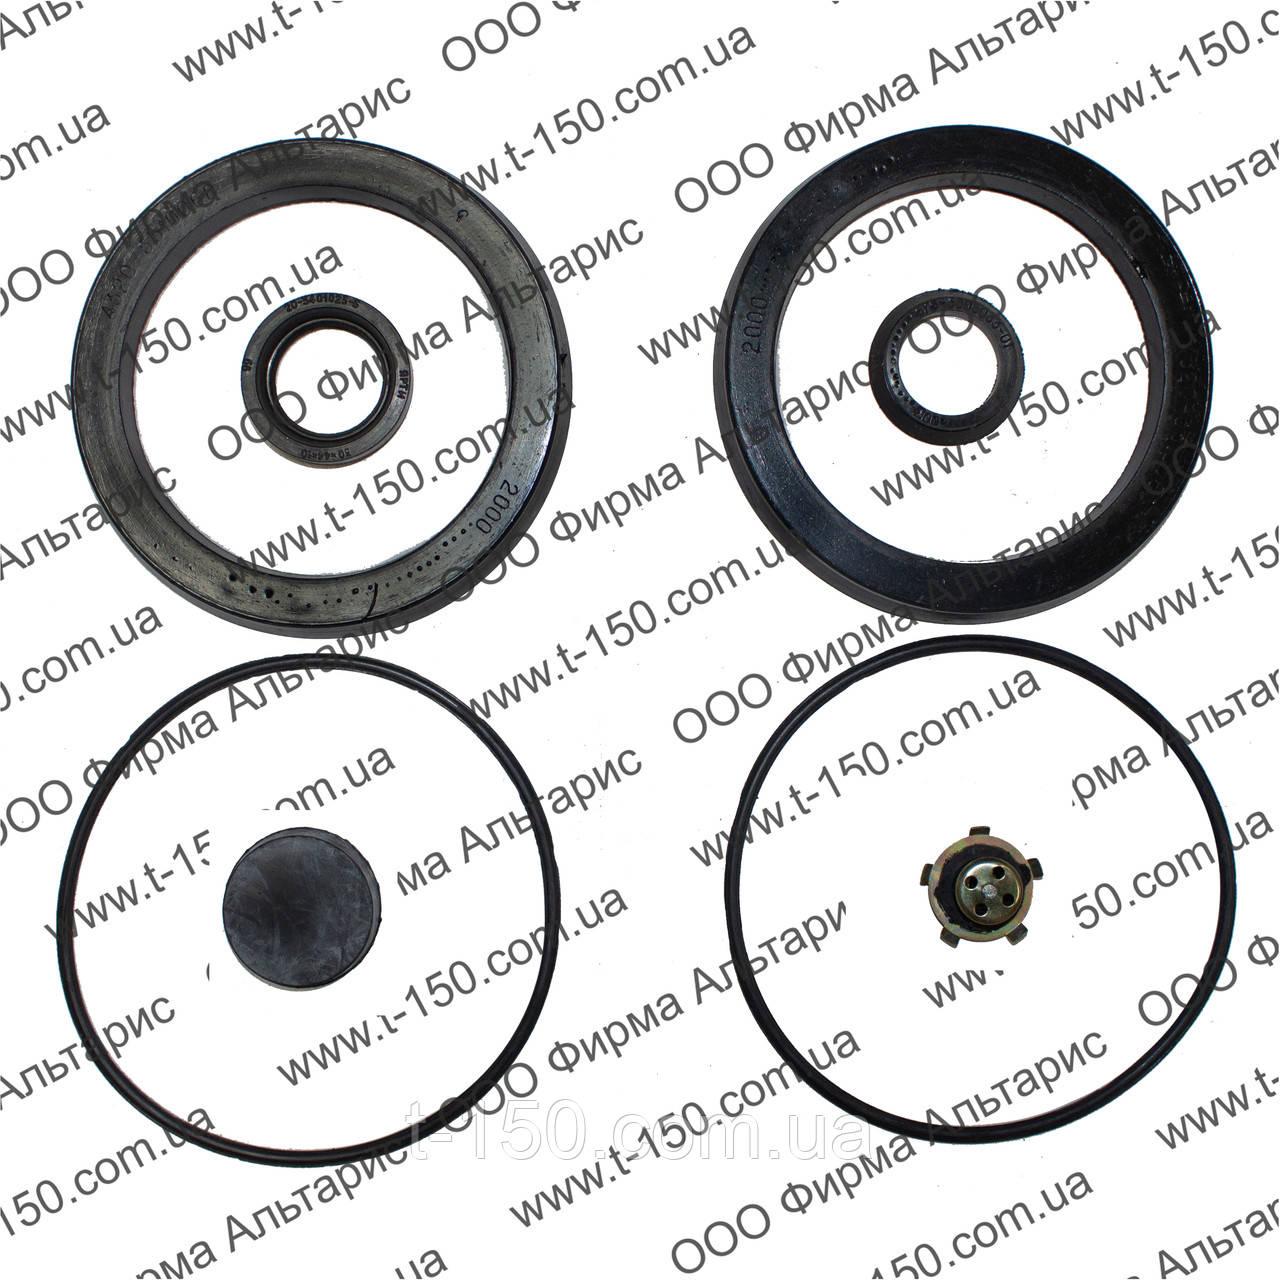 Ремкомплект ПГУ (пневмоусилителя тормоза) УРАЛ-4320/375, полный, нового образца